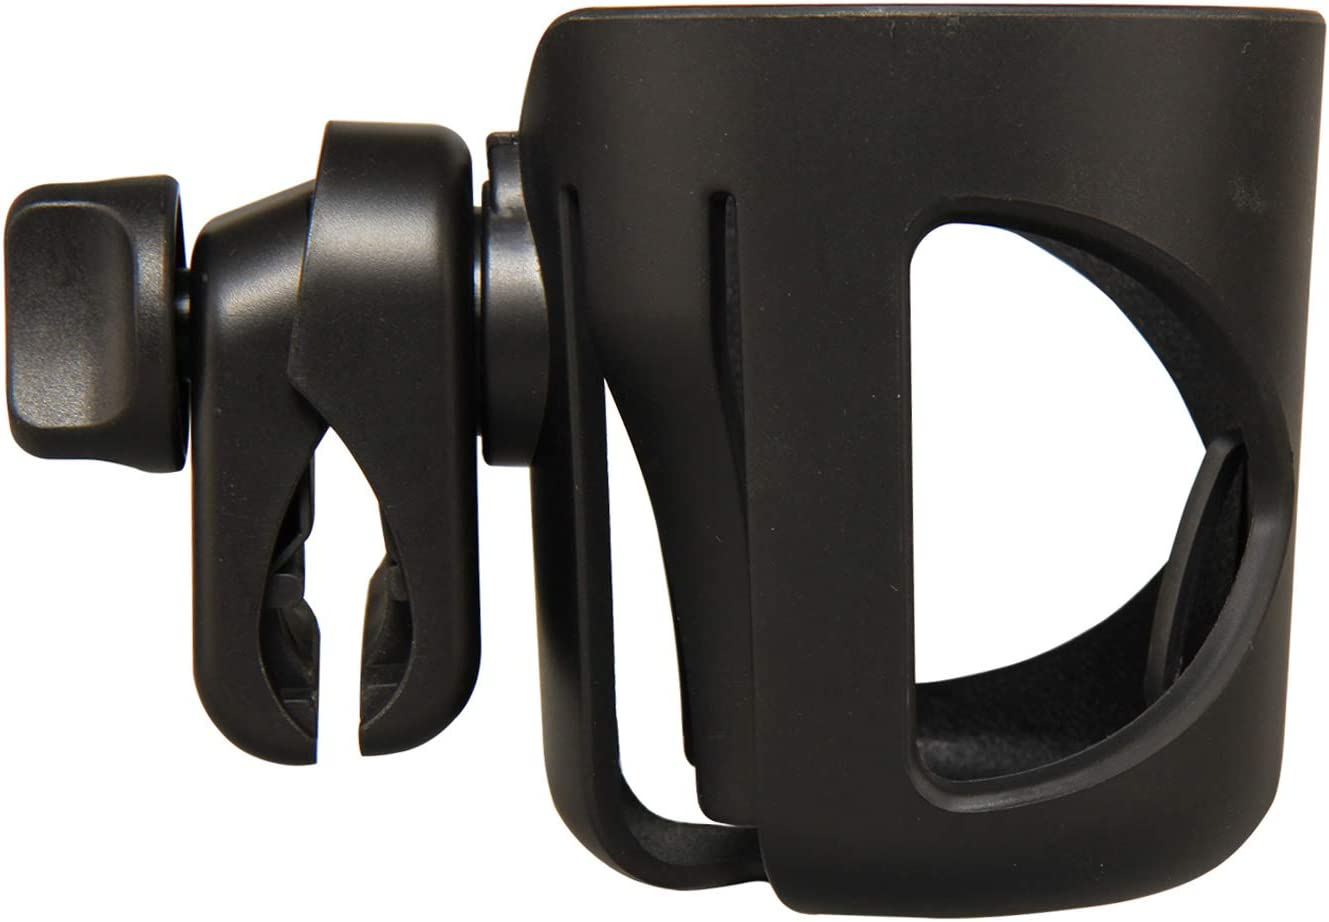 Portavasos, Fushop portavasos para cochecito, silla de ruedas, silla de oficina, vespa, jaula de la botella de agua(NEGRO)